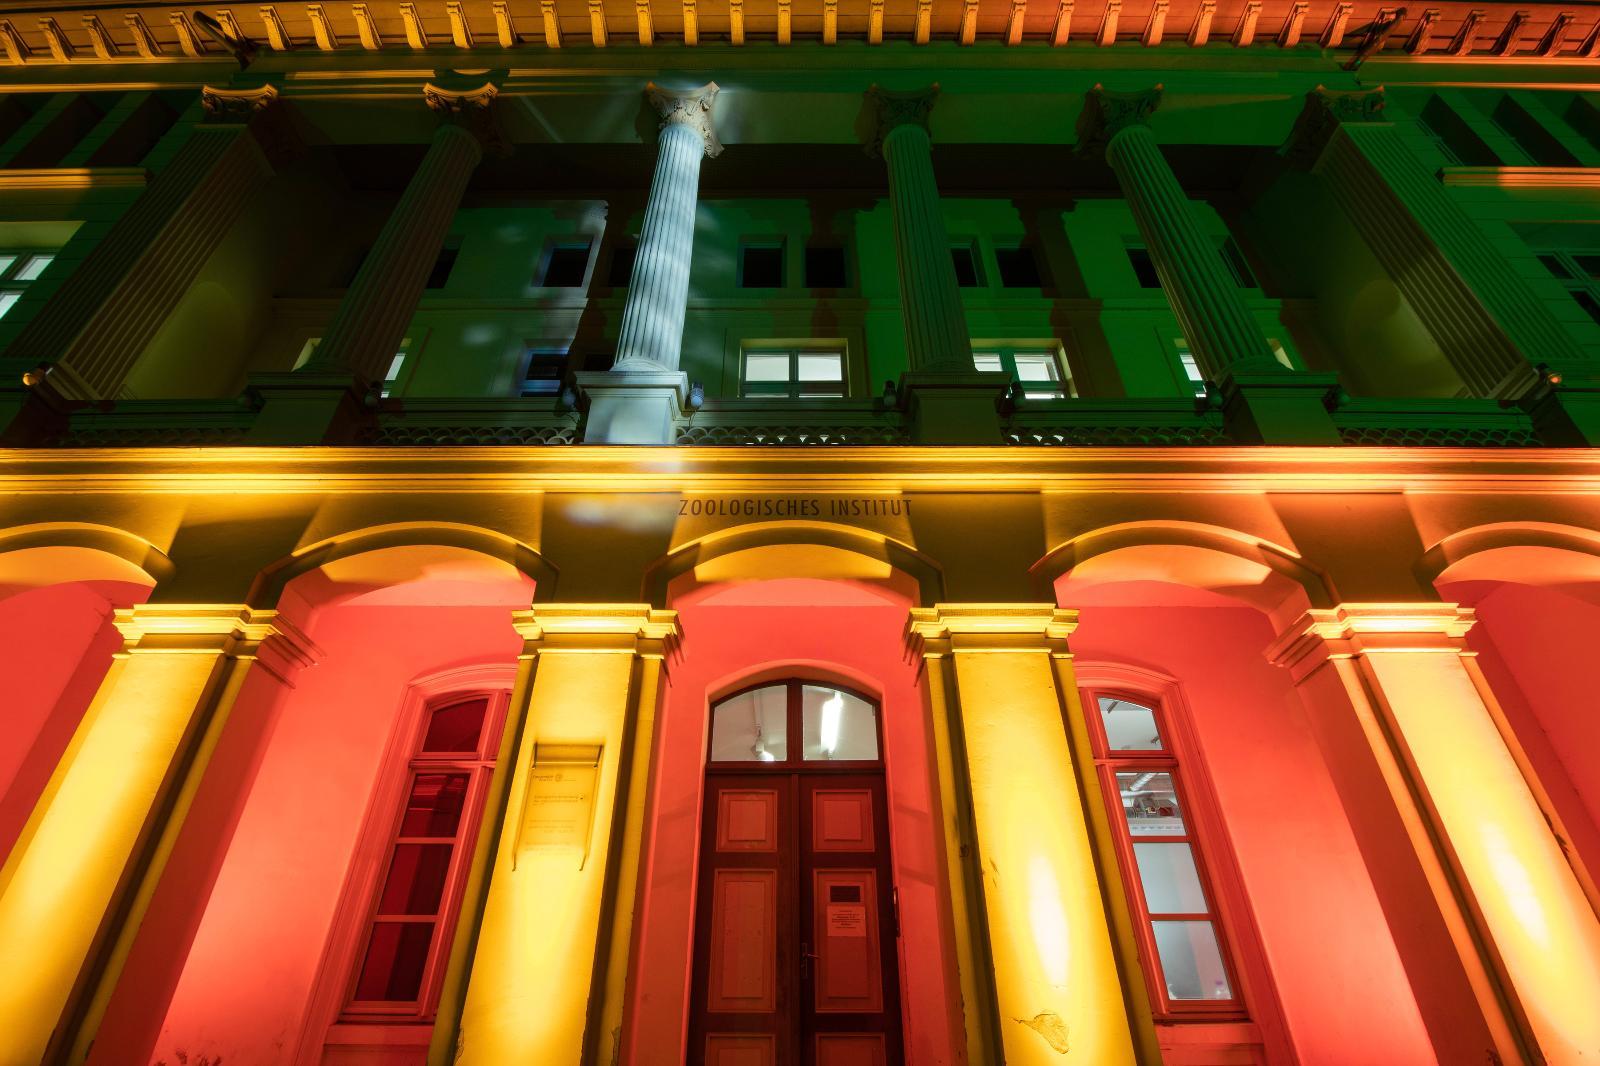 Das Zoologische Institut wechselte mehrmals am Abend die Farben.